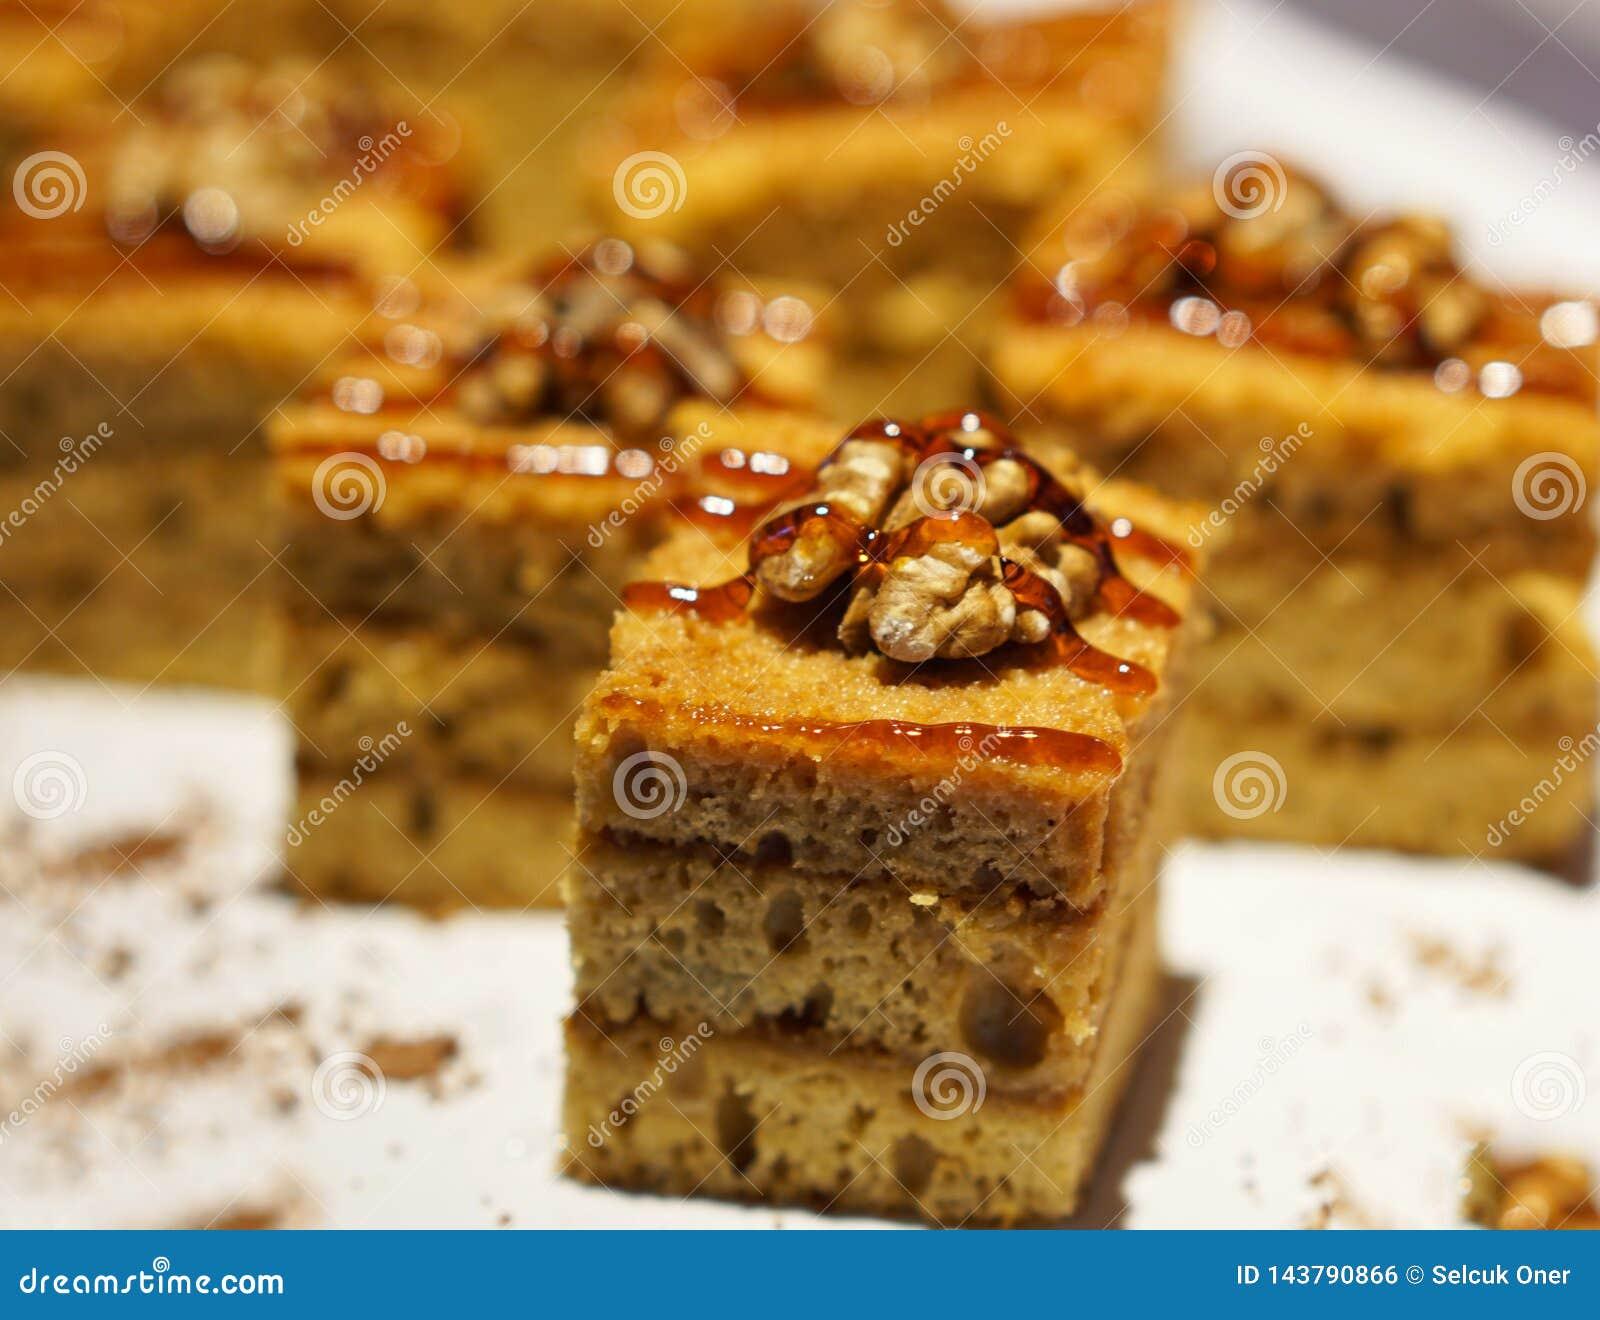 Очень вкусные торты грецкого ореха на открытом шведском столе